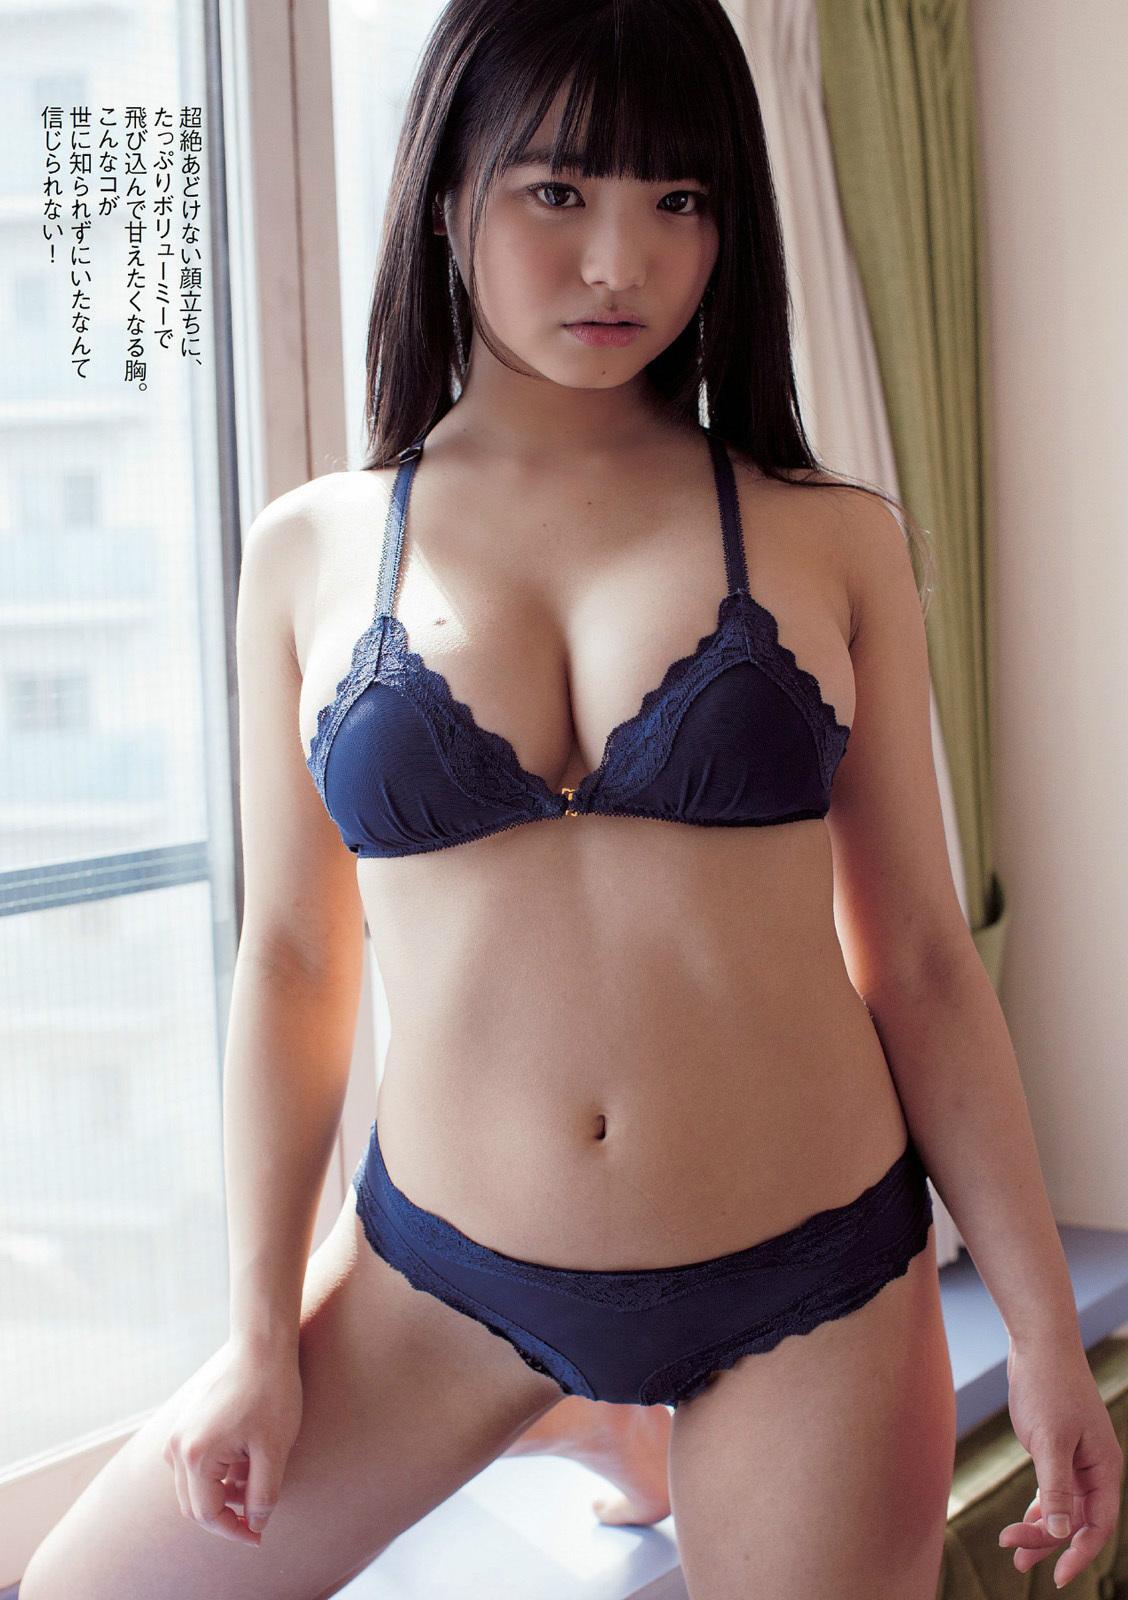 片岡沙耶80